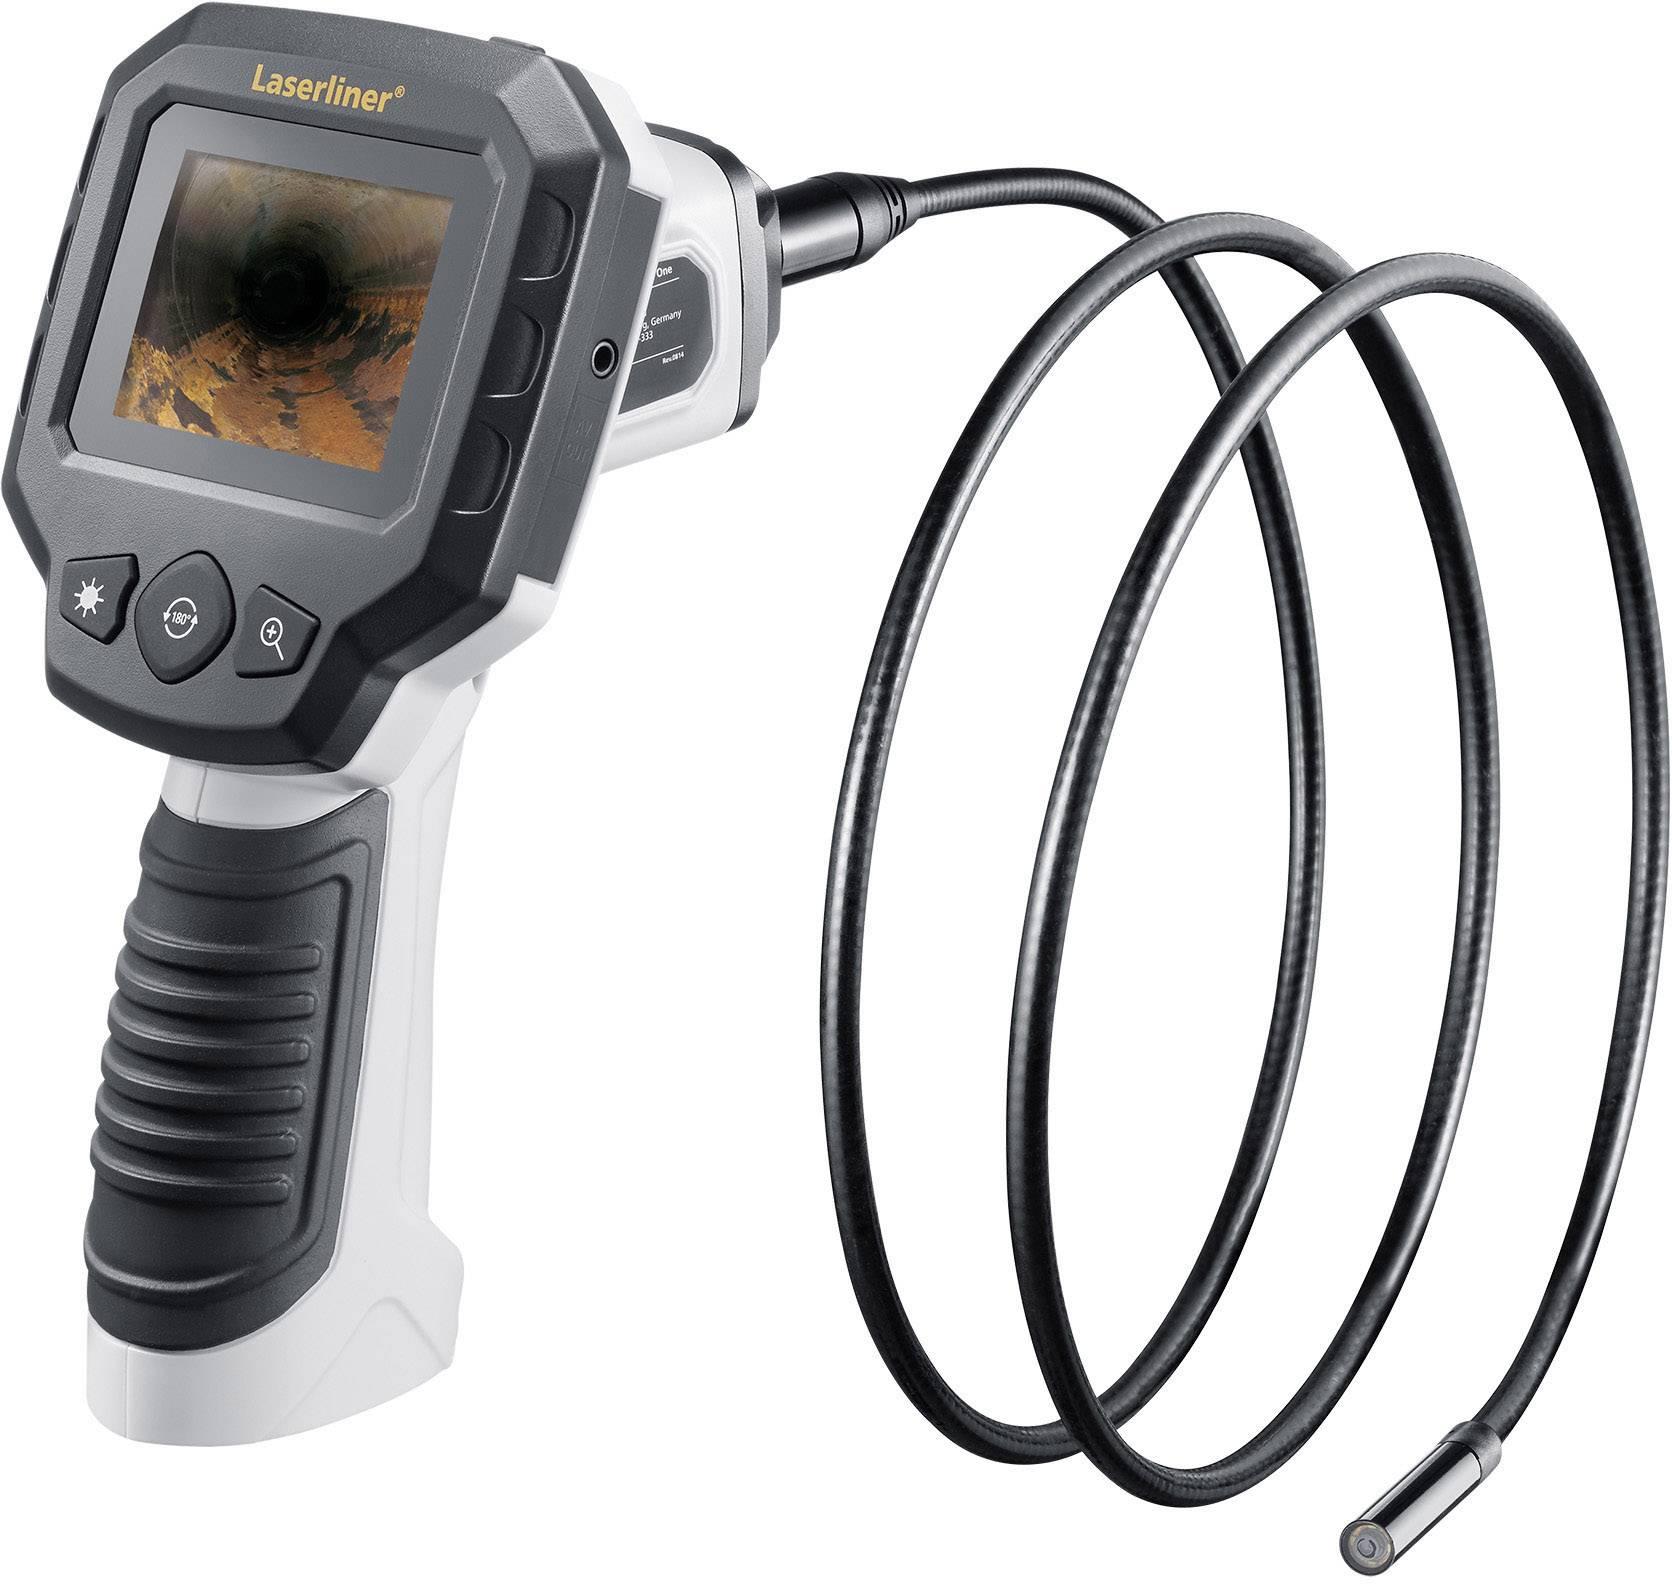 Inspekční kamera Laserliner VideoScope One 082.252A, Ø sondy 9 mm, Délka sondy 1.5 m